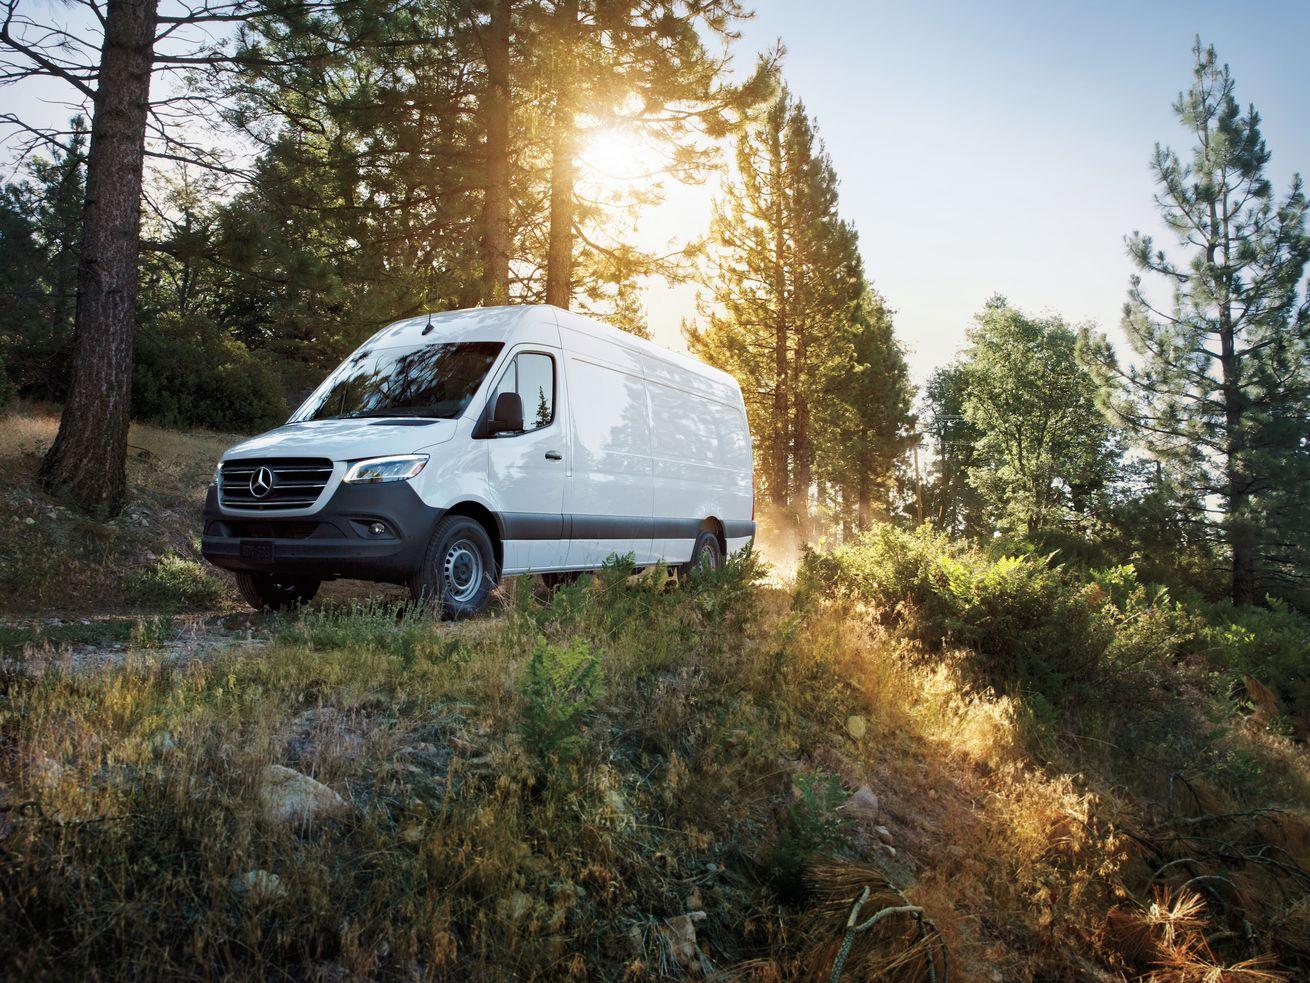 The new 2019 Mercedes-Benz Sprinter van.